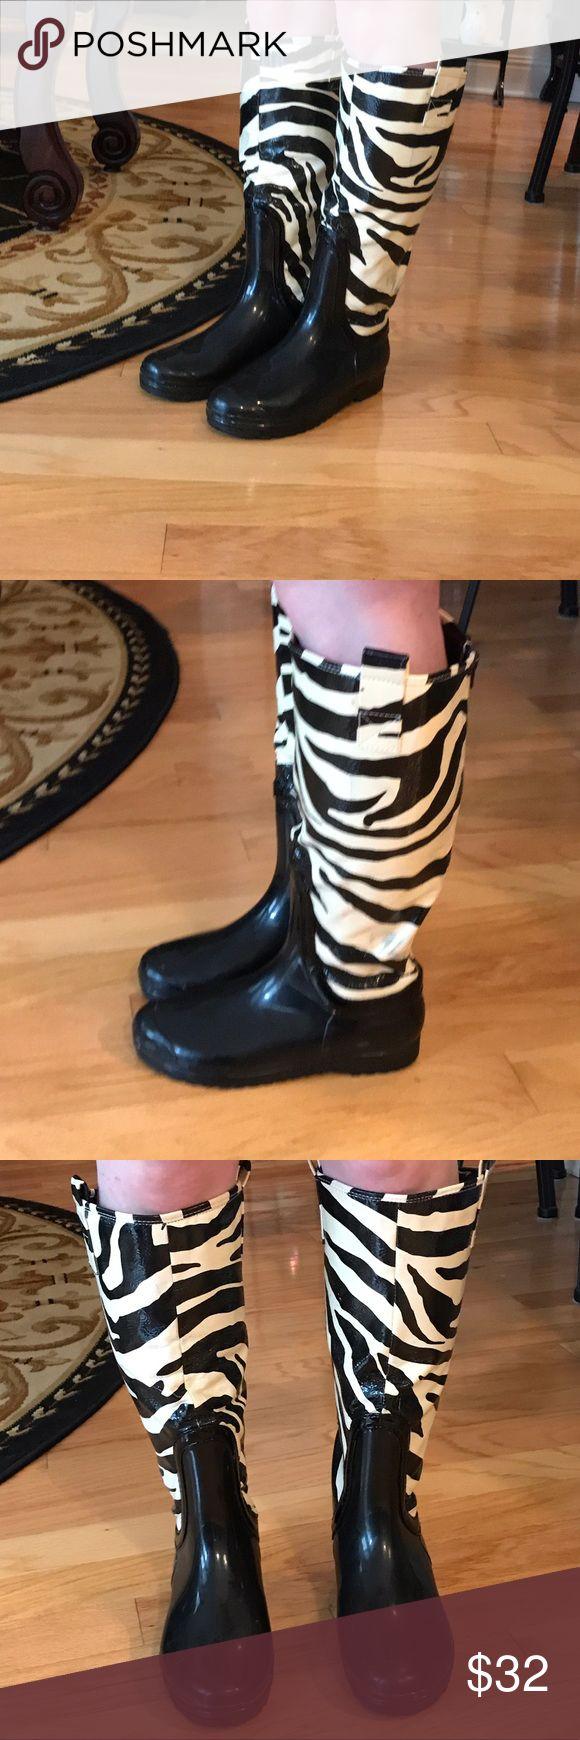 Chinese Laundry size 8 zebra rain boots Chinese Laundry size 8 zebra rain boots Chinese Laundry Shoes Winter & Rain Boots